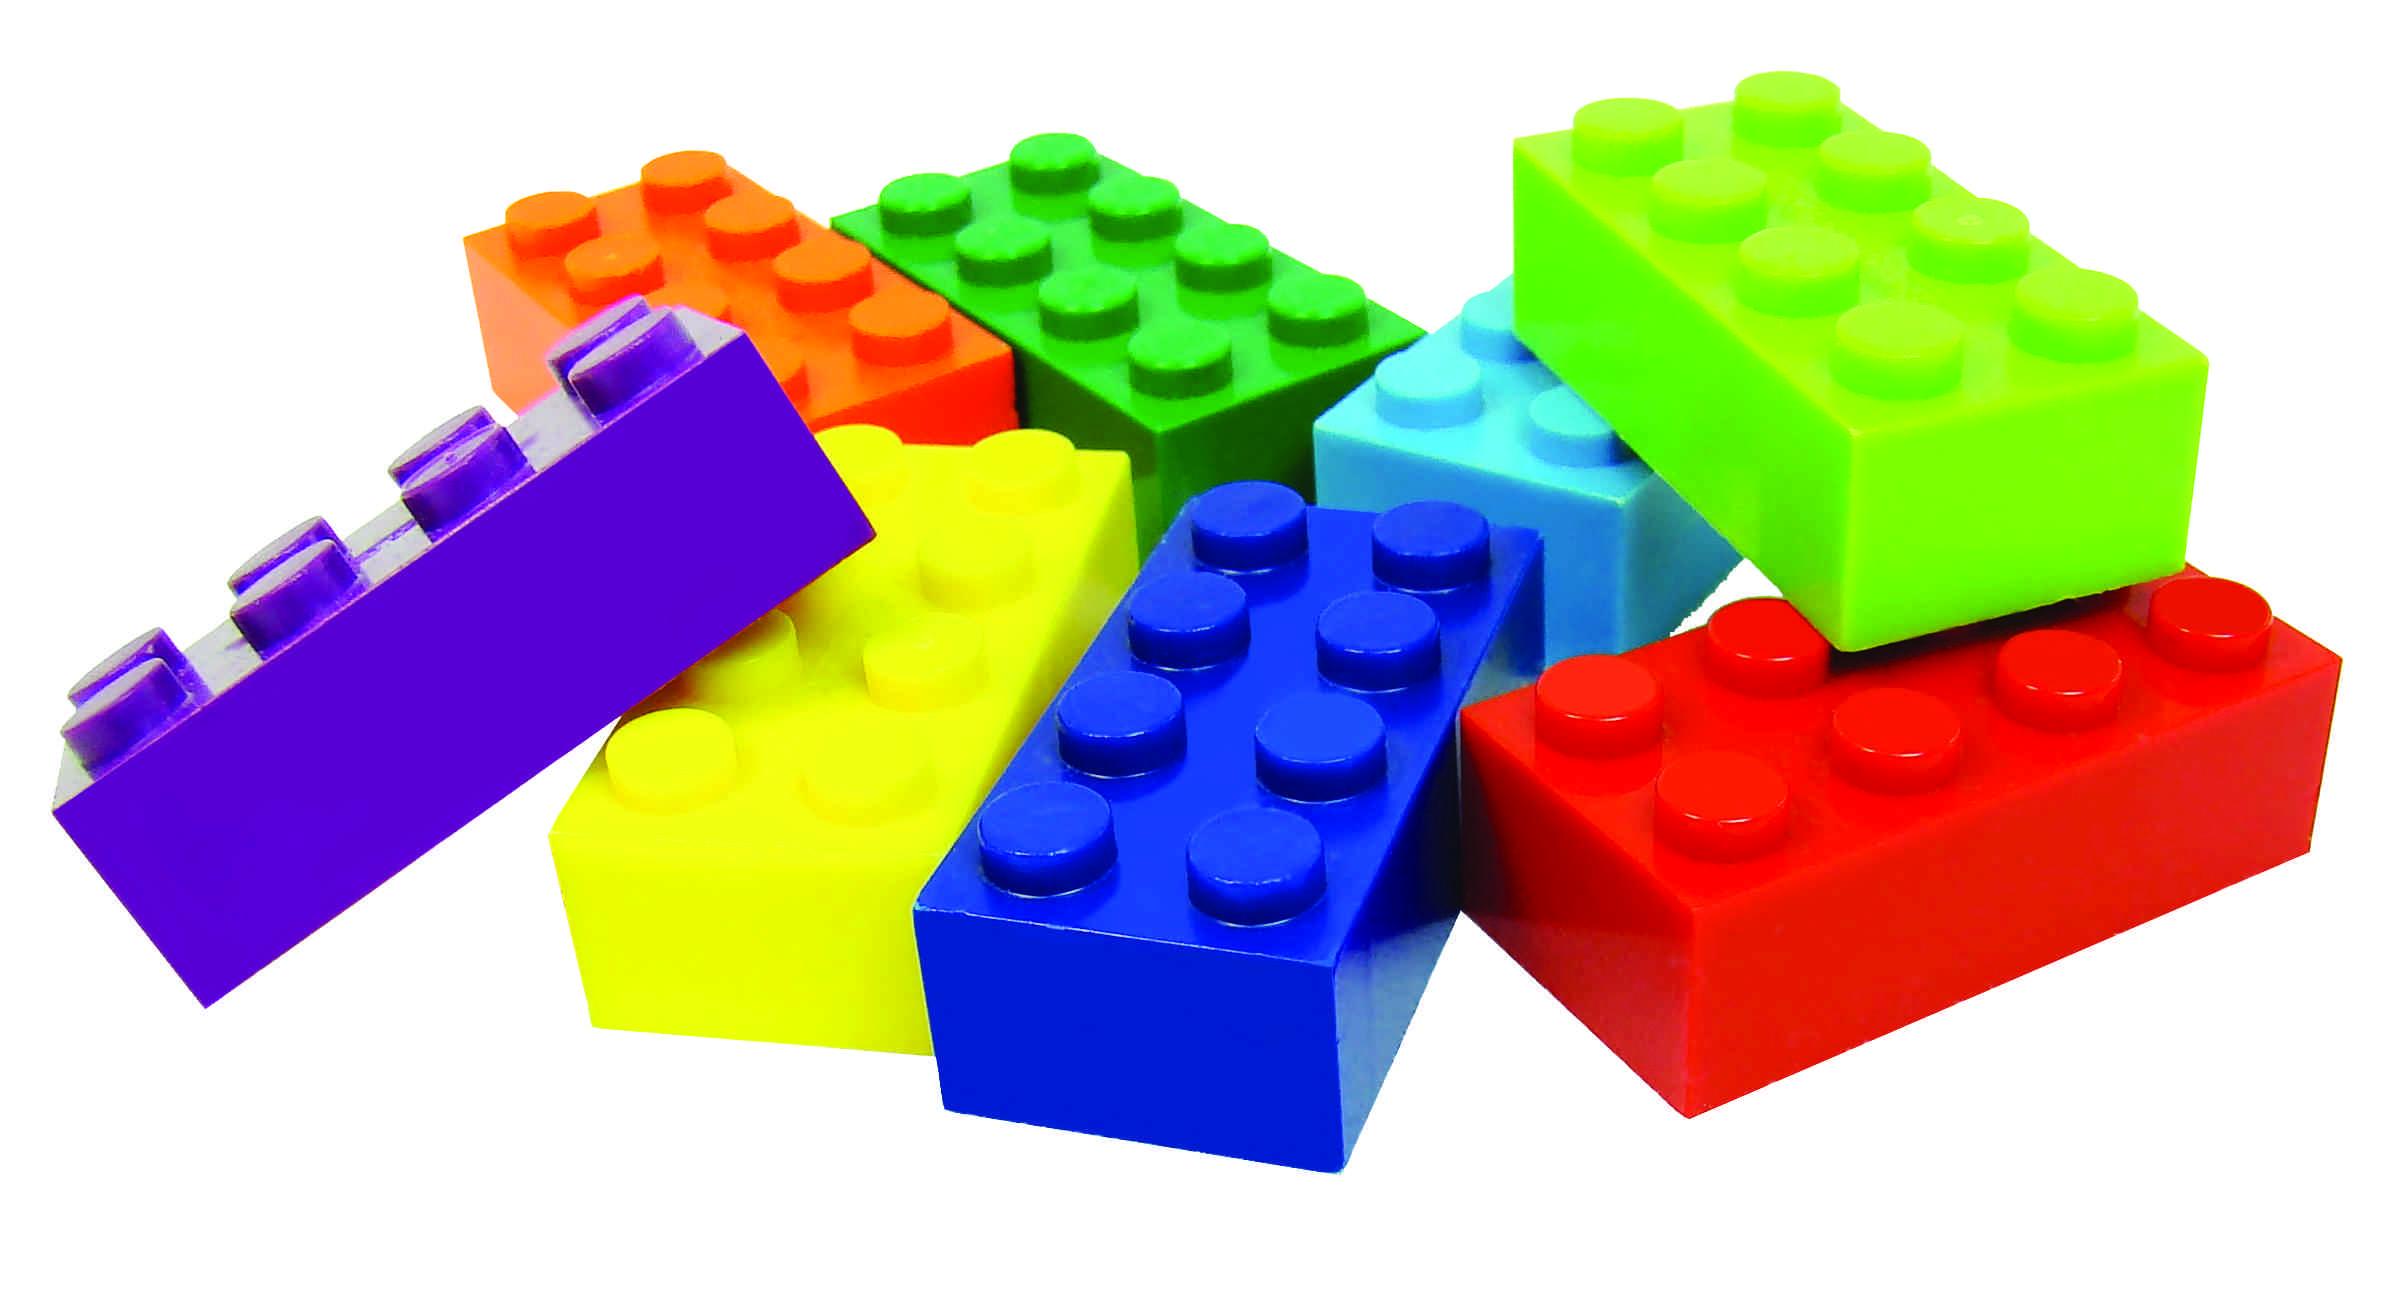 2402x1303 Lego Bricks Clipart Lego Bricks Clipart Lego Brick Summer2015